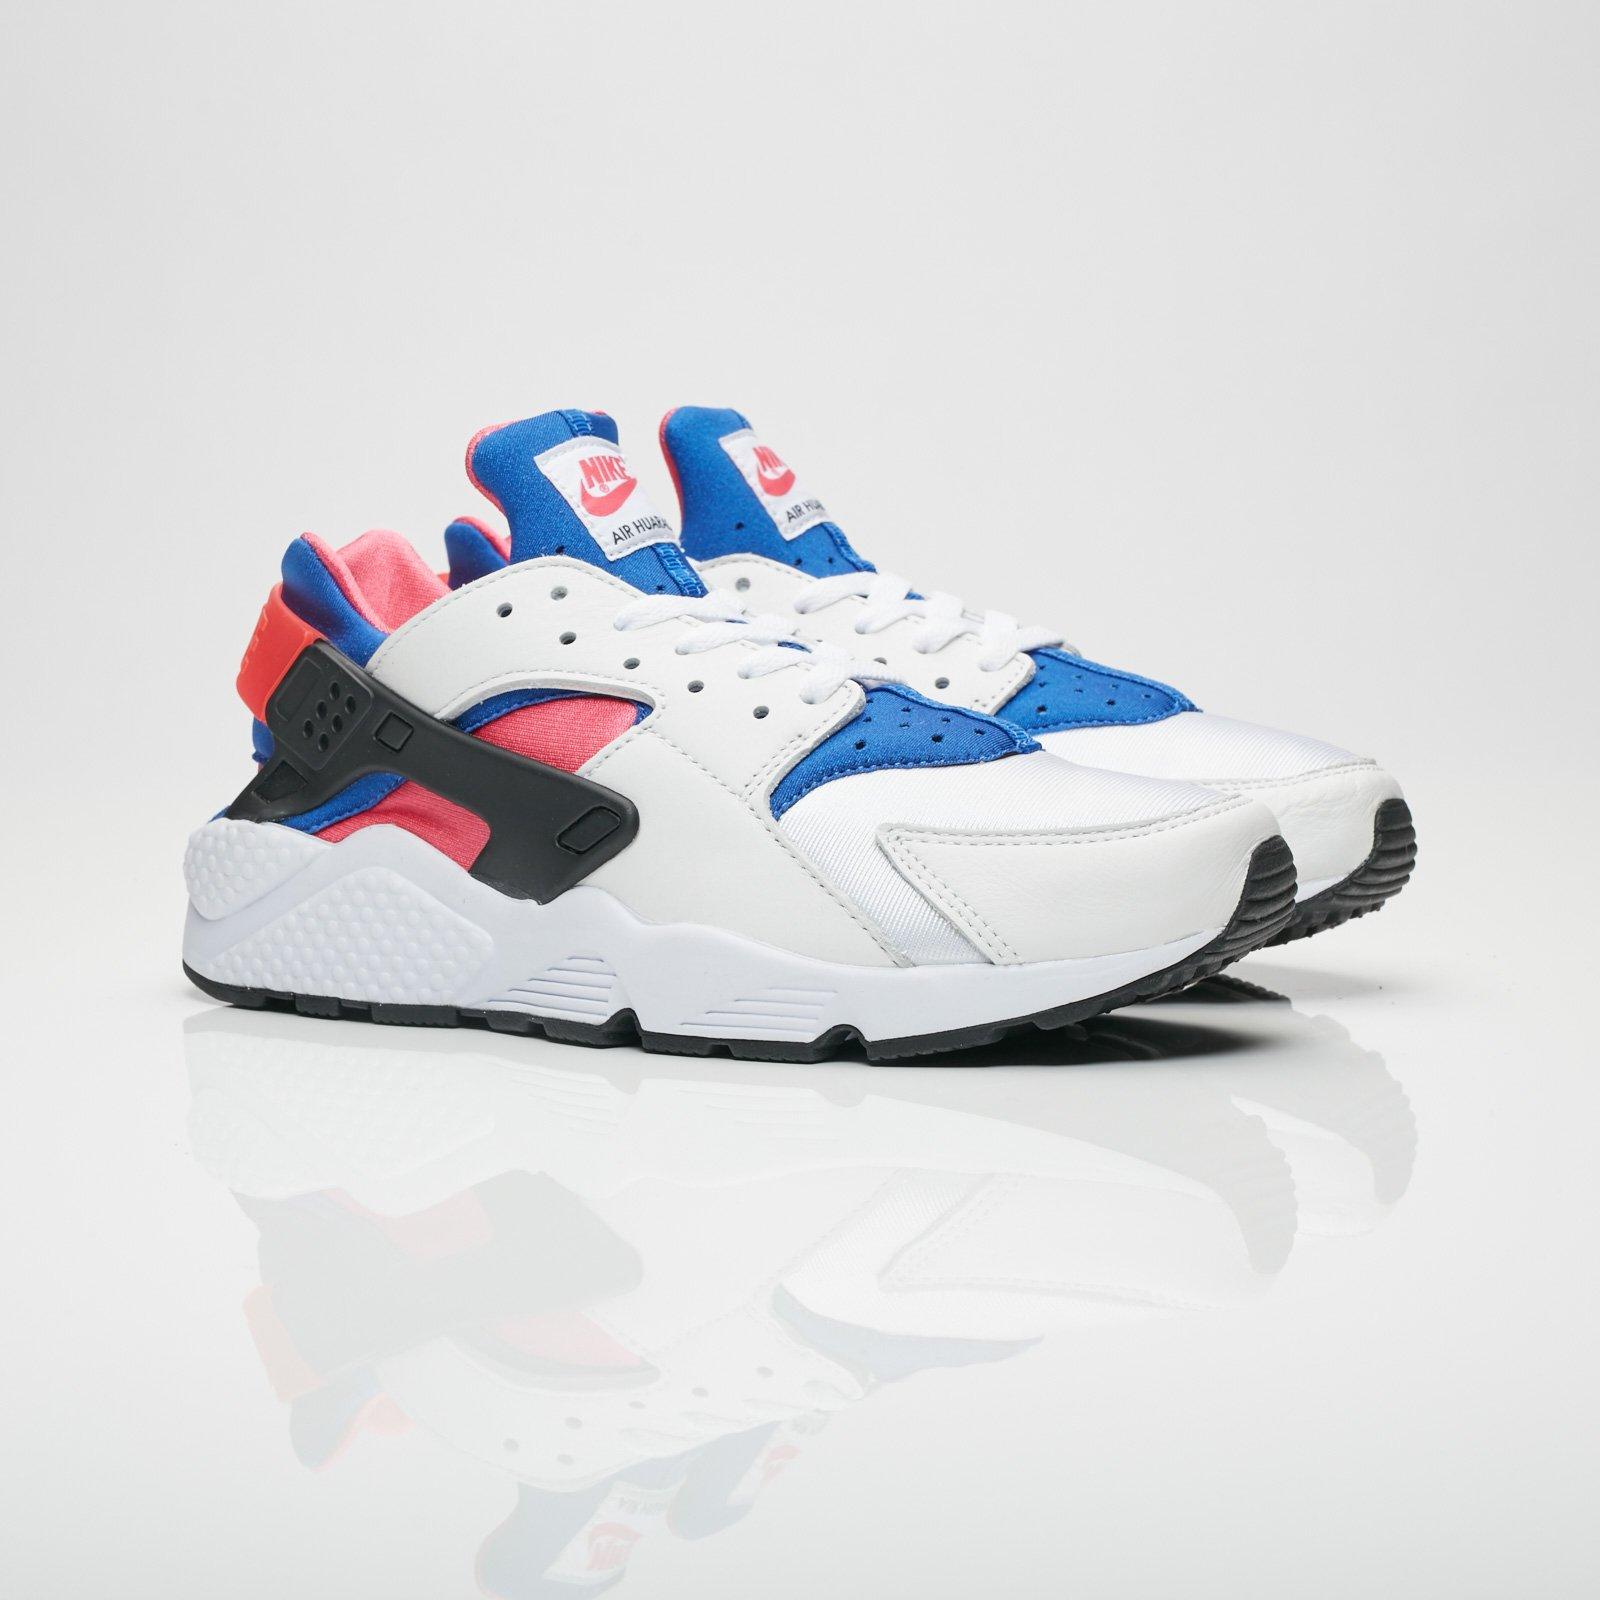 Nike Qs Air Huarache Run 91 Qs Nike Ah8049 Chaussuressnstuff Chaussuress 1e2ccd